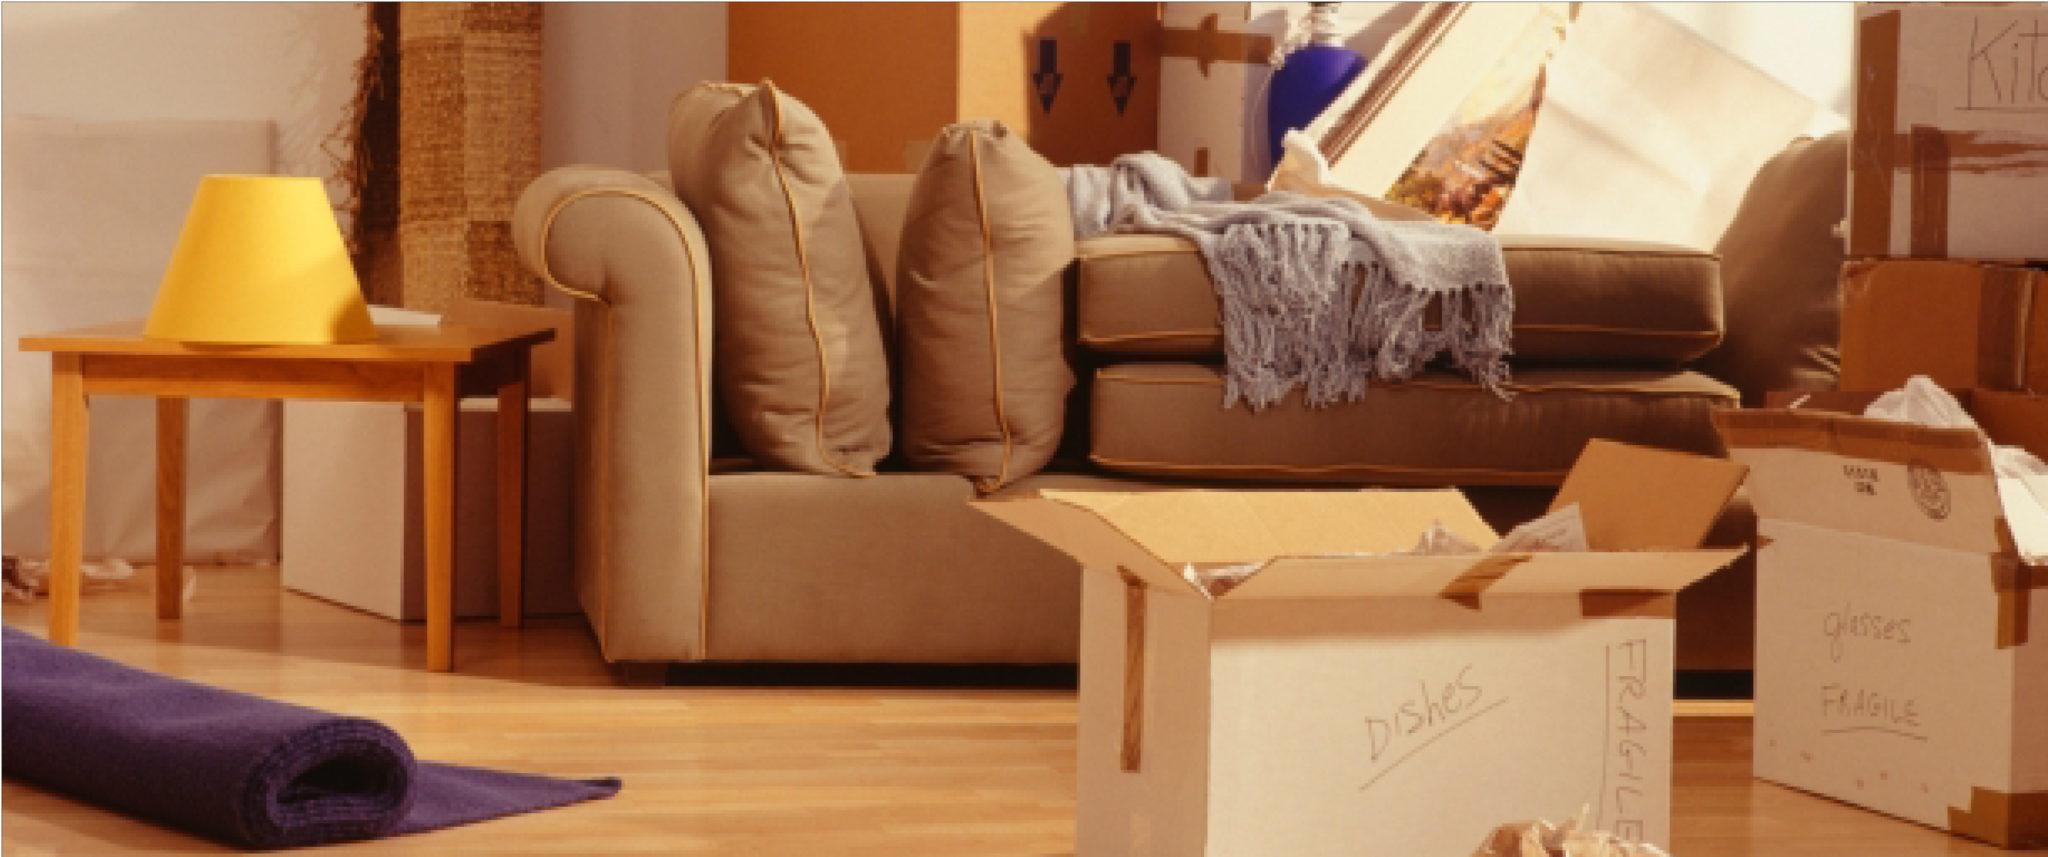 consejos para mudarte de casa de tus padres